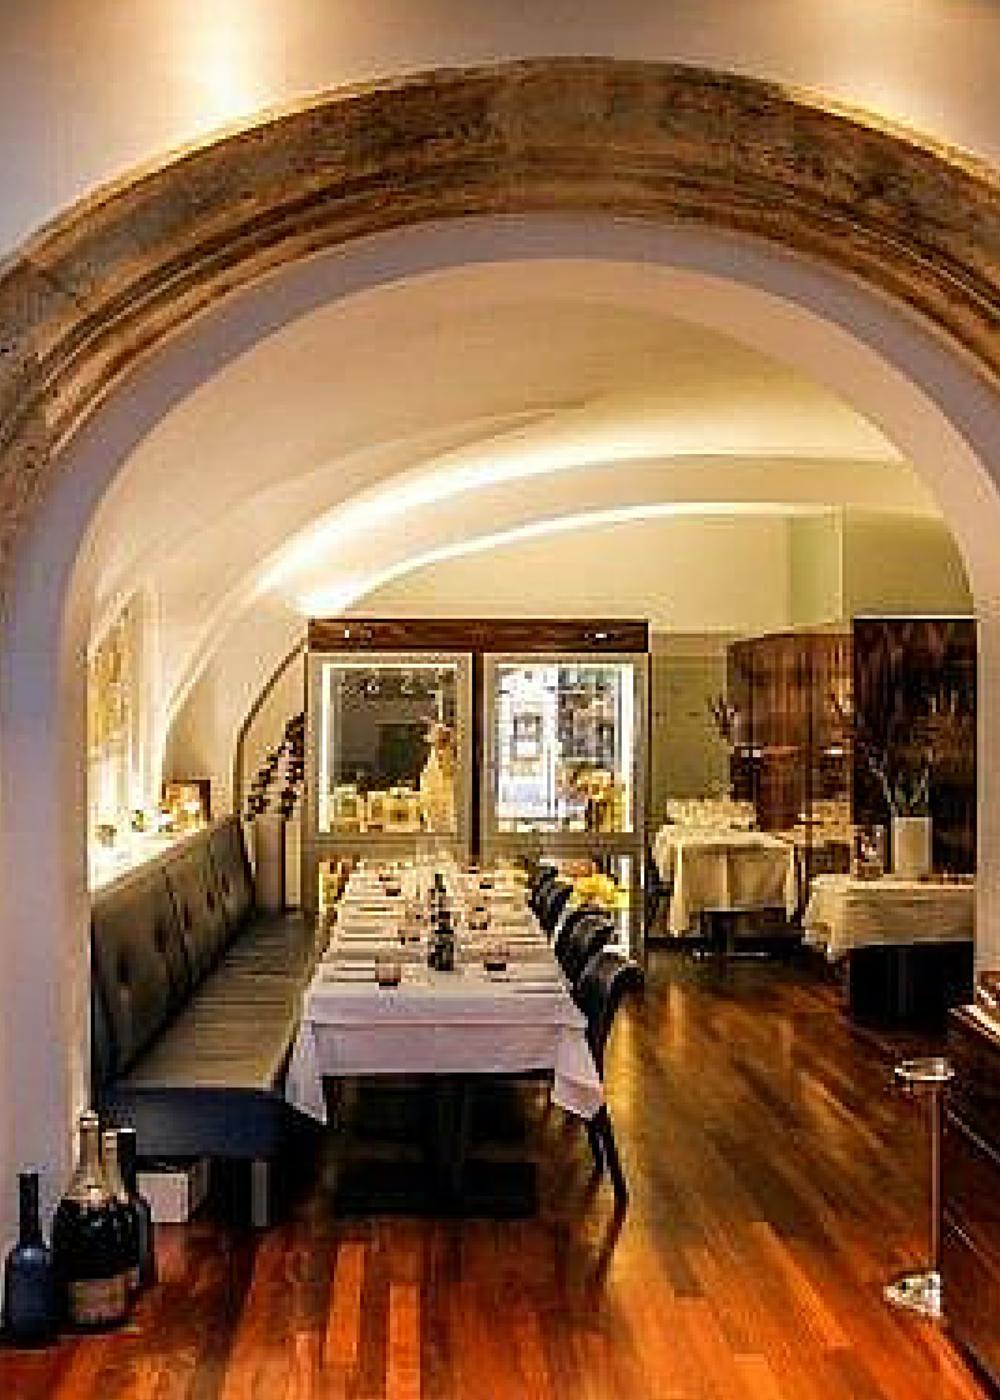 In Der Backerstrasse In Wien Steht Eines Der Besterhaltenen Renaissance Burgerhauser Der Stadt Drinnen Befindet Sich Das Restaurant Merlo Wien Restaurant Haus